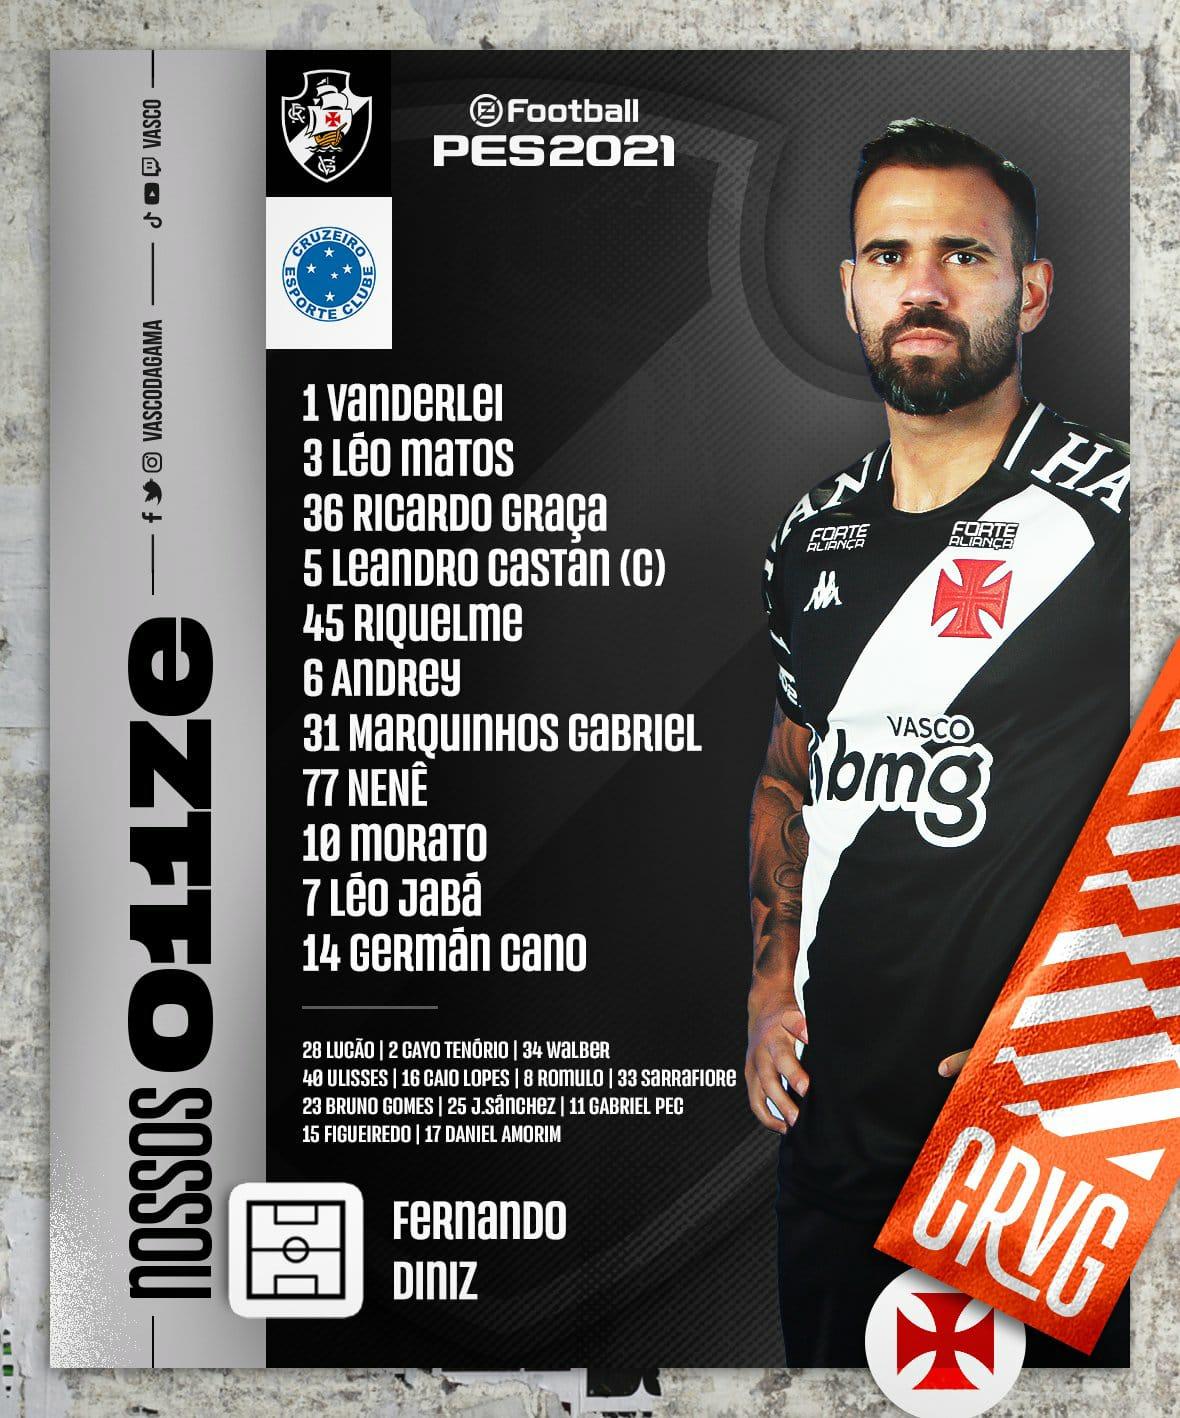 Vasco escalado para pegar o Cruzeiro pela Série B